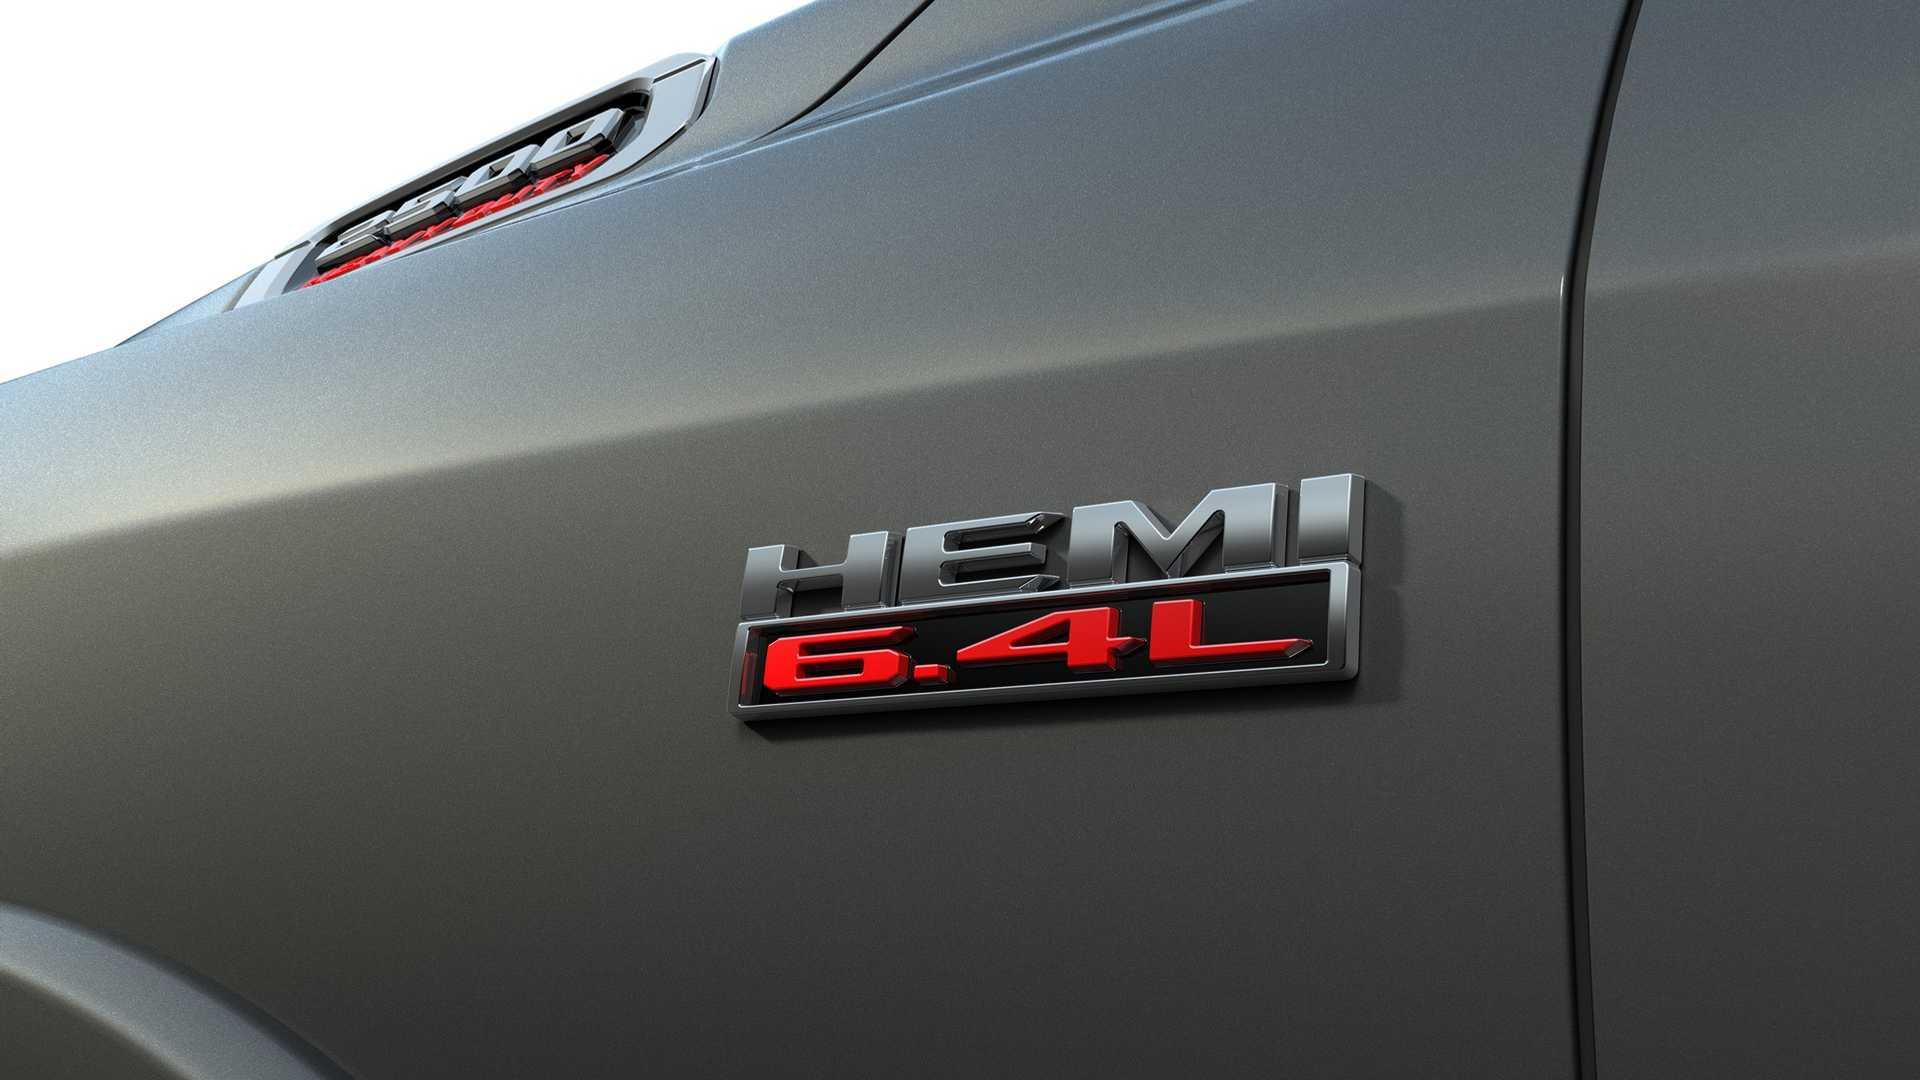 2019-ram-heavy-duty-exterior (21)